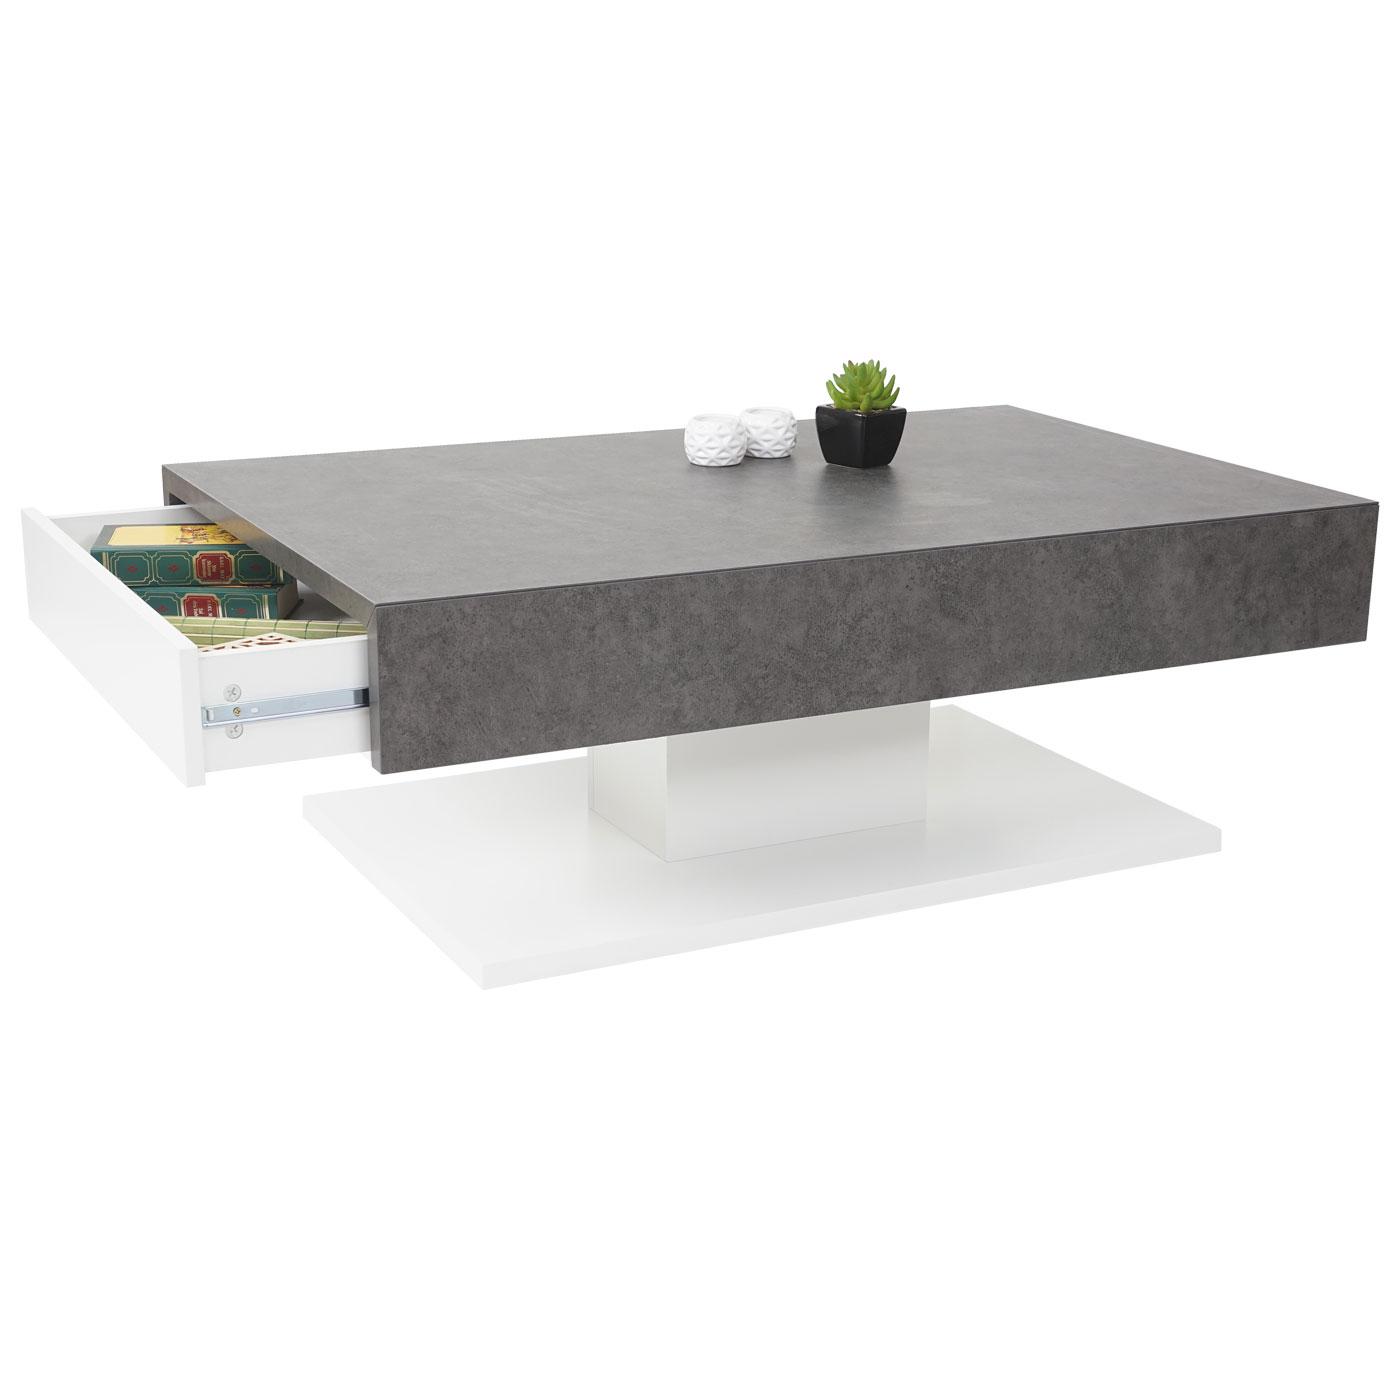 Mca couchtisch hwc a26 wohnzimmertisch beton optik 40x110x70cm - Beton wohnzimmertisch ...